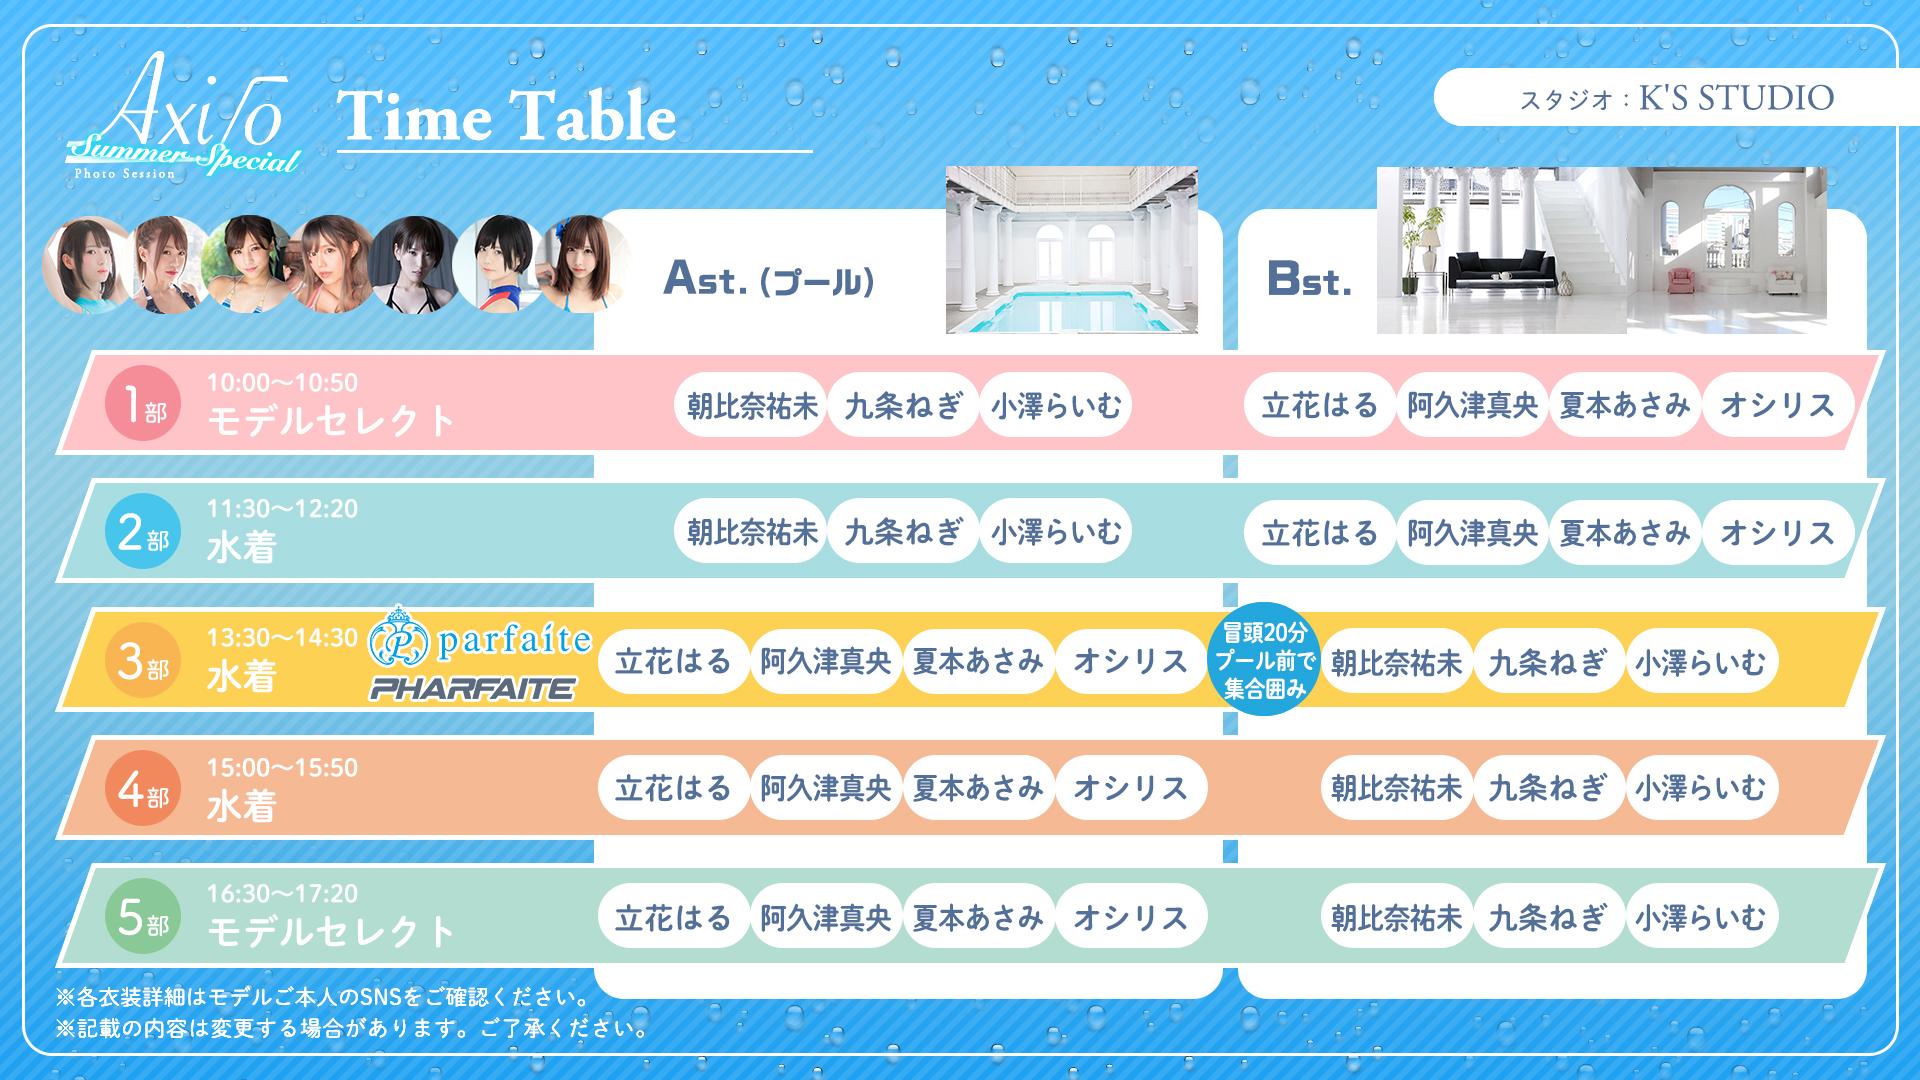 axioss_timetable_2.jpg